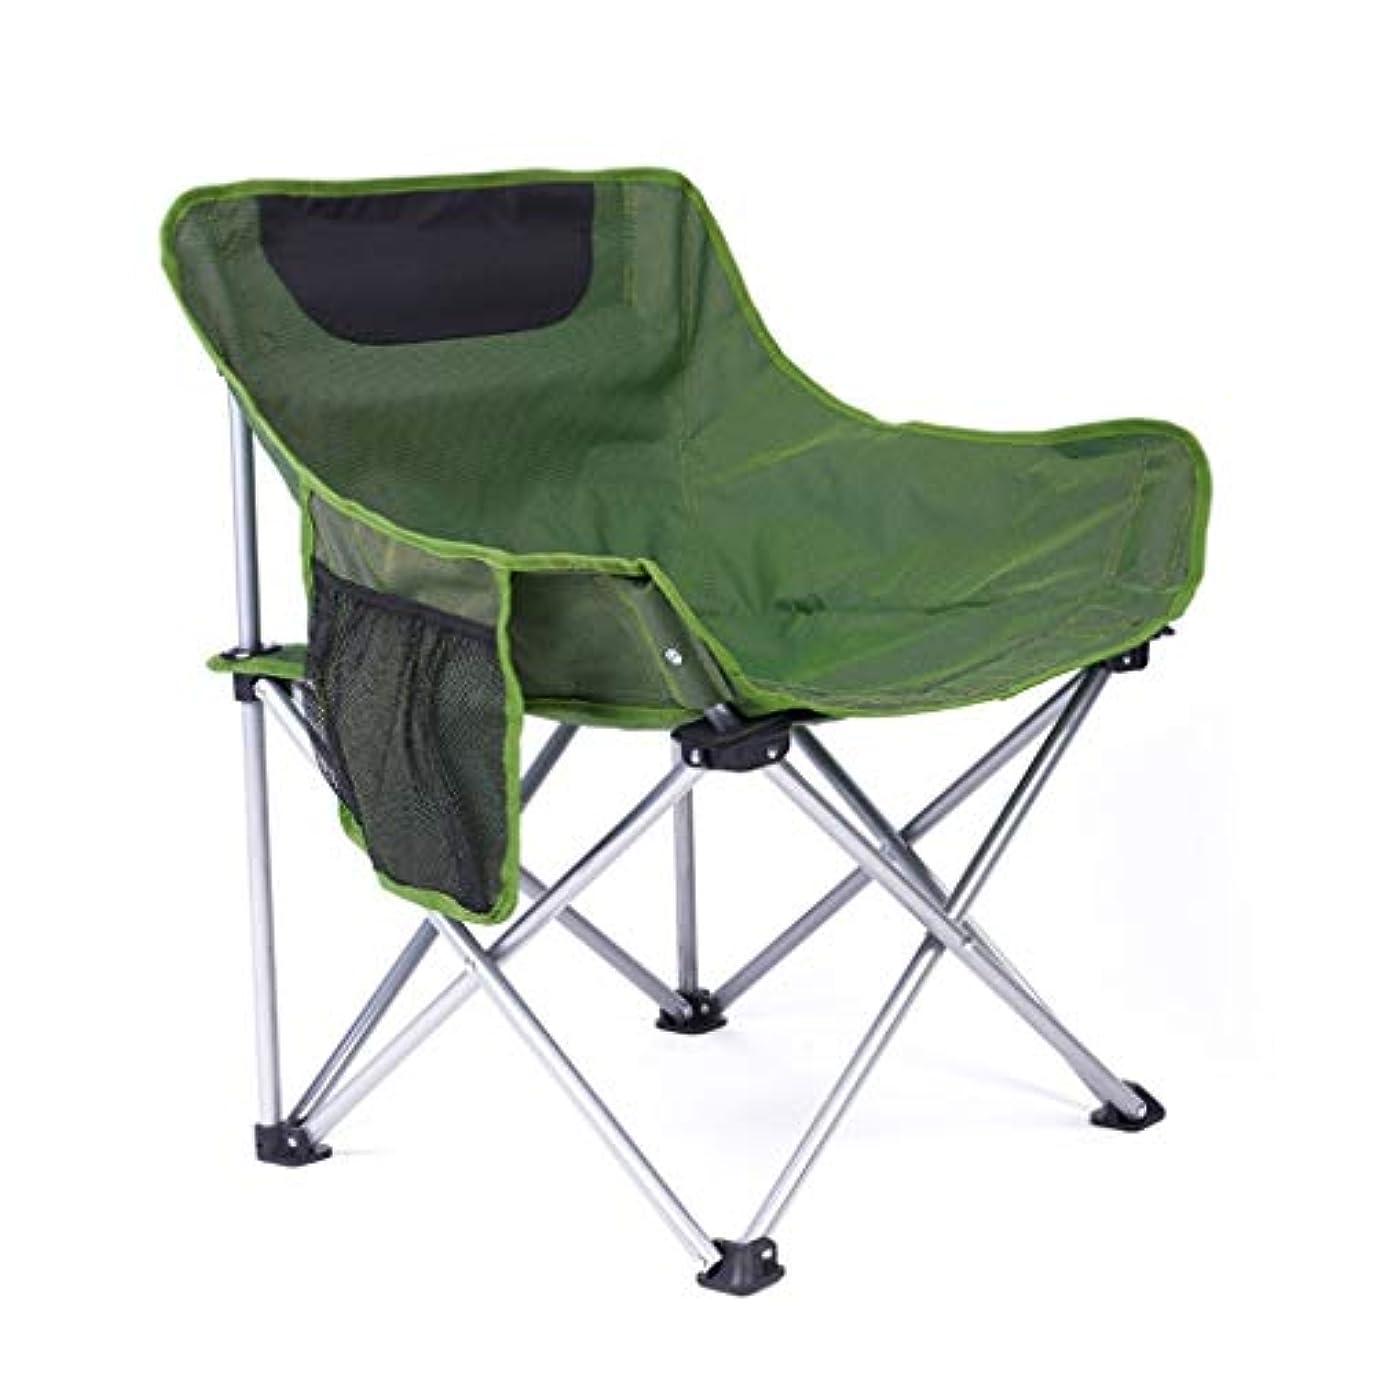 広範囲スマートベルNEVY ムーンチェア ポータブル 折りたたみ アウトドア キャンプチェア ヘビーデューティ 釣り ビーチ シート ポケット付き、2色 (色 : 緑)